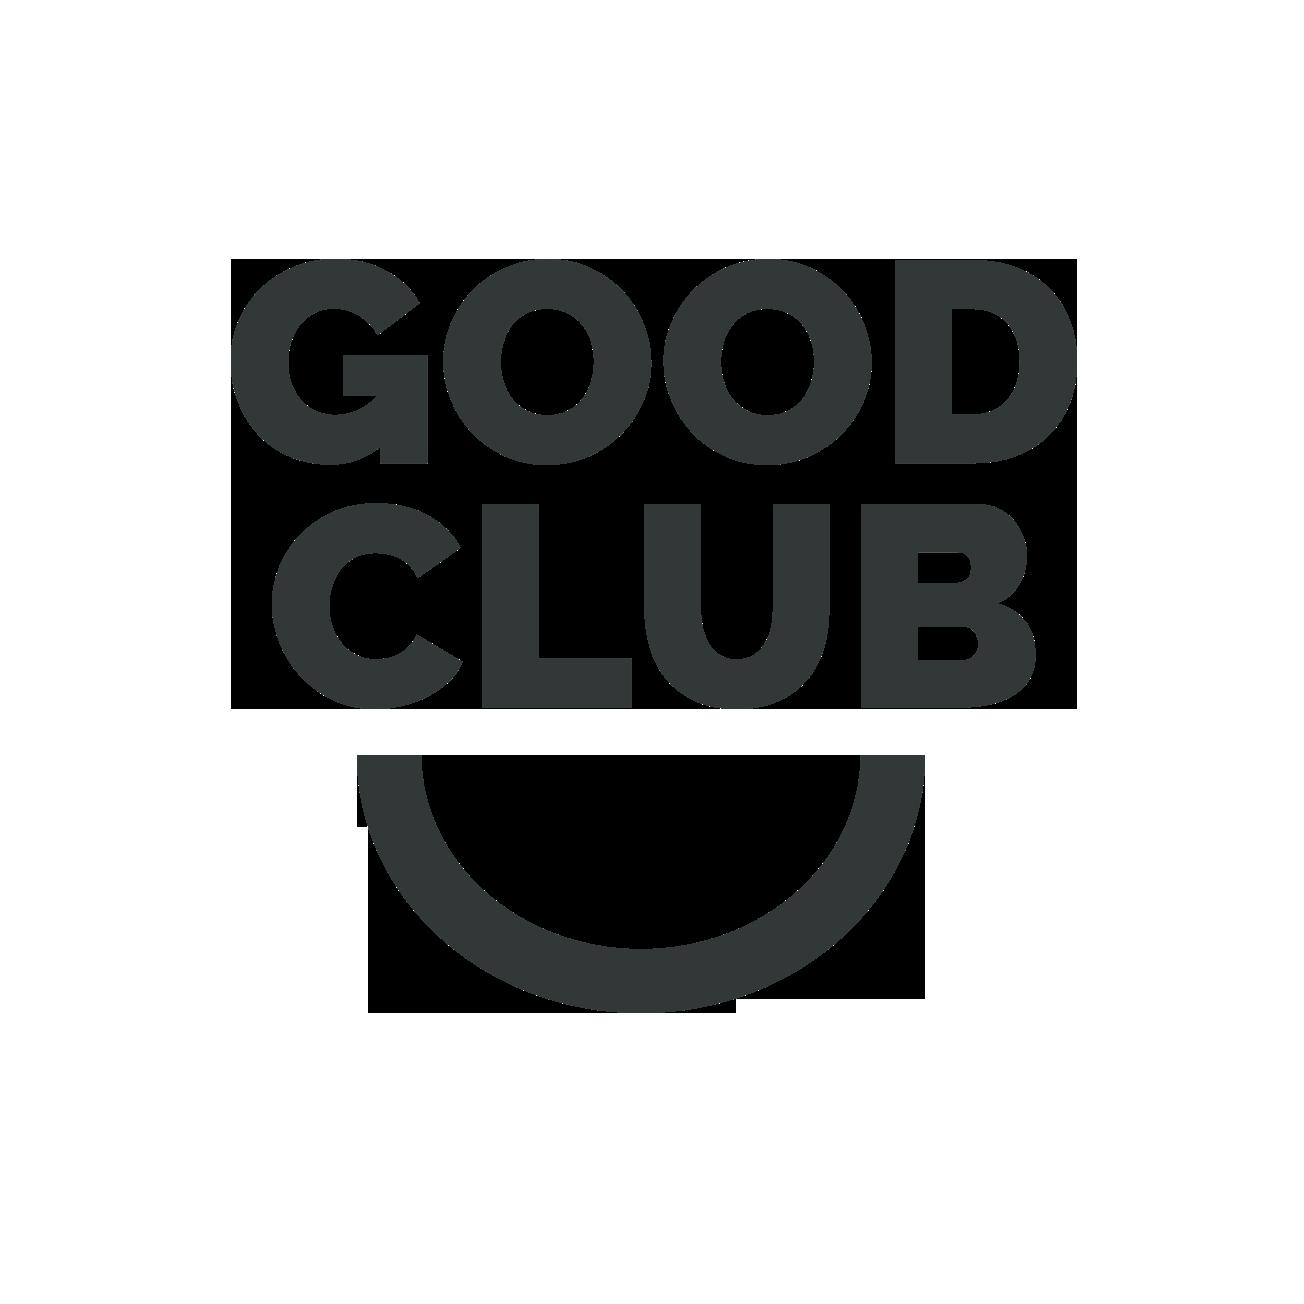 good-club_910x - Copy.png